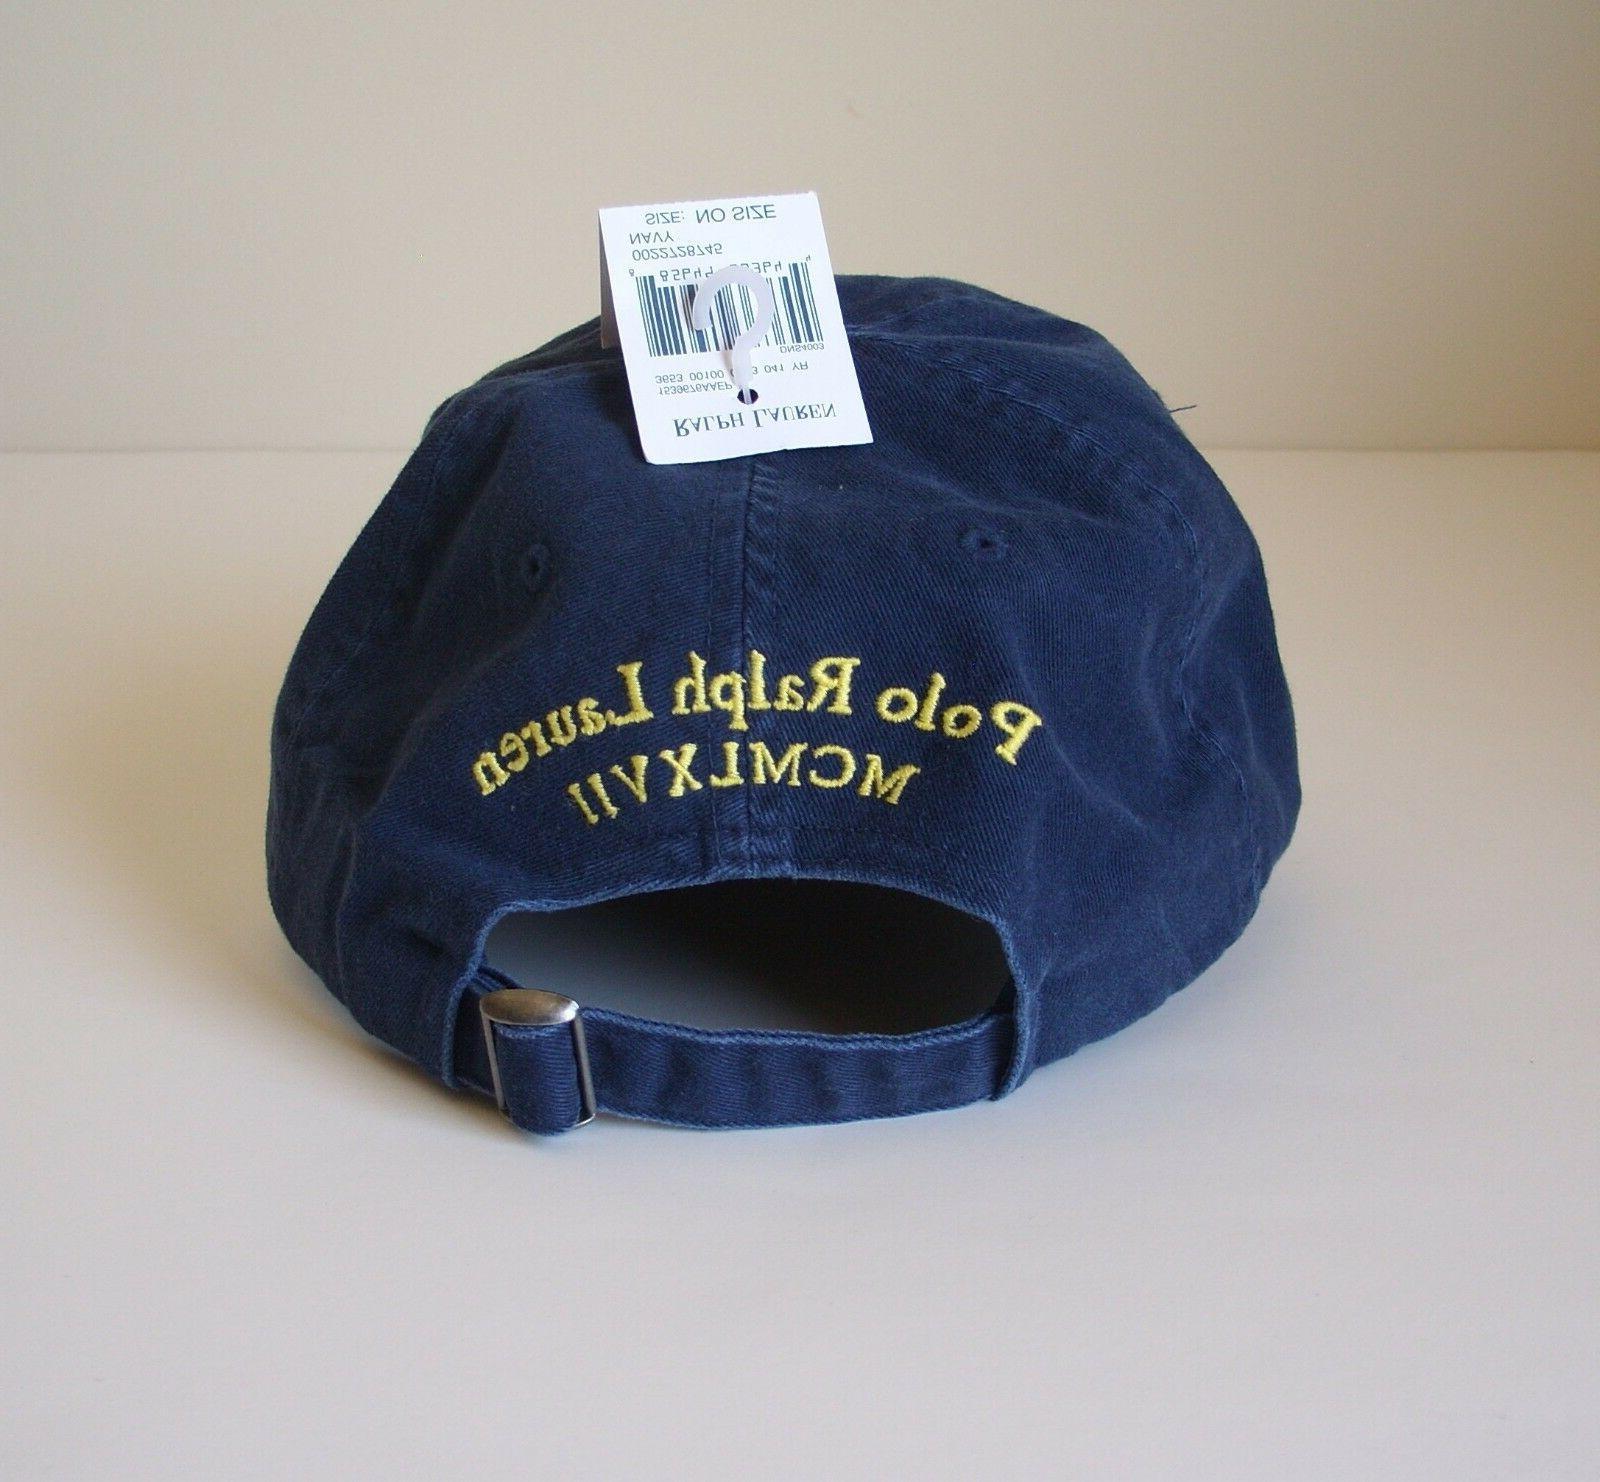 NEW Ralph Lauren Baseball Cap Hat Big Pony Adjustable Colors